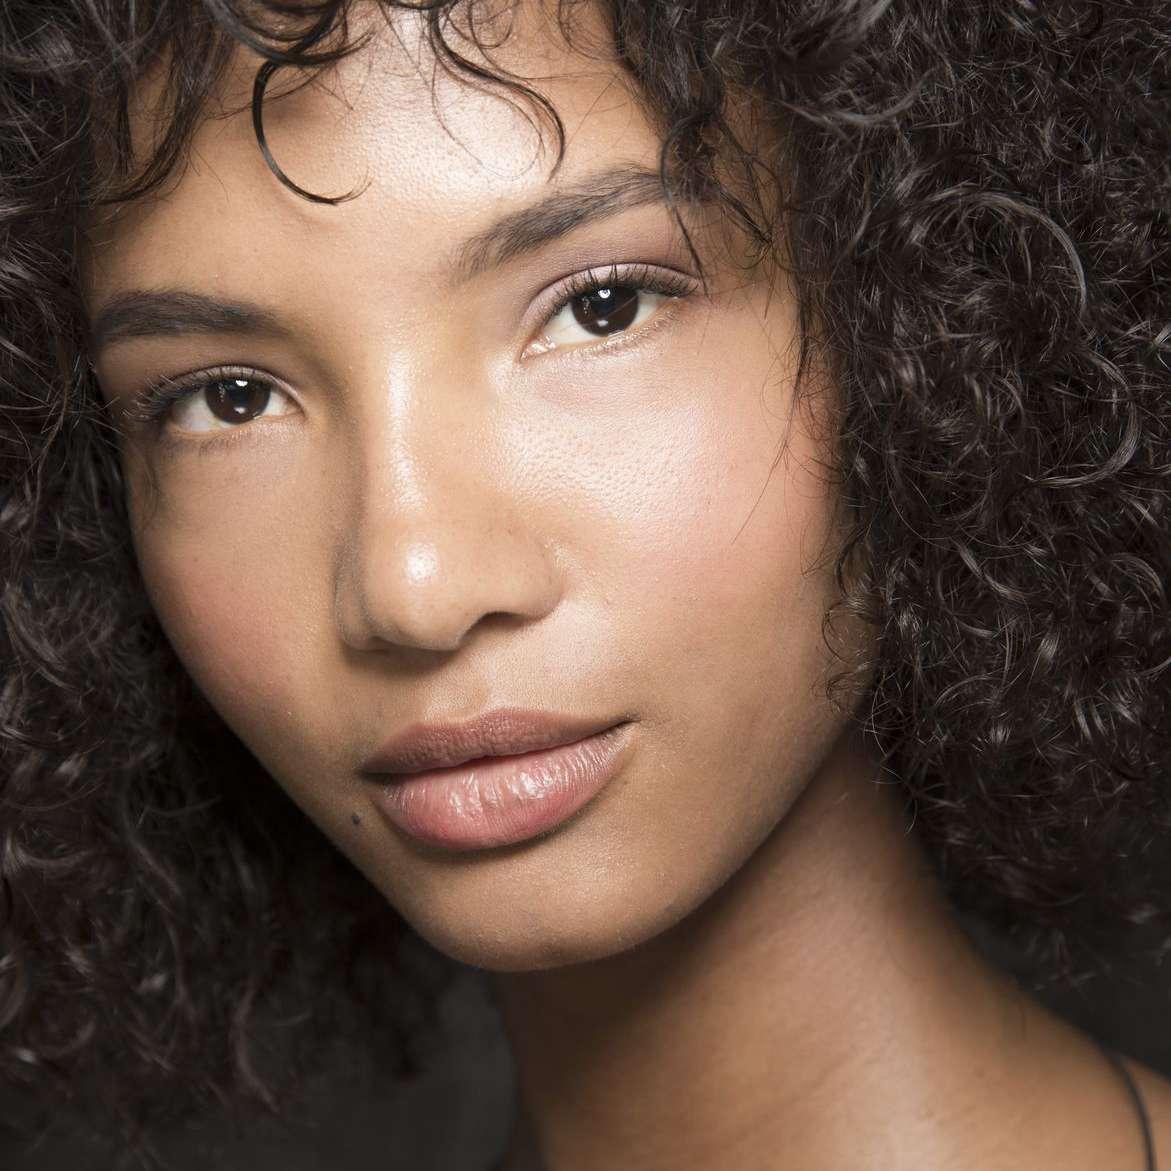 model no makeup